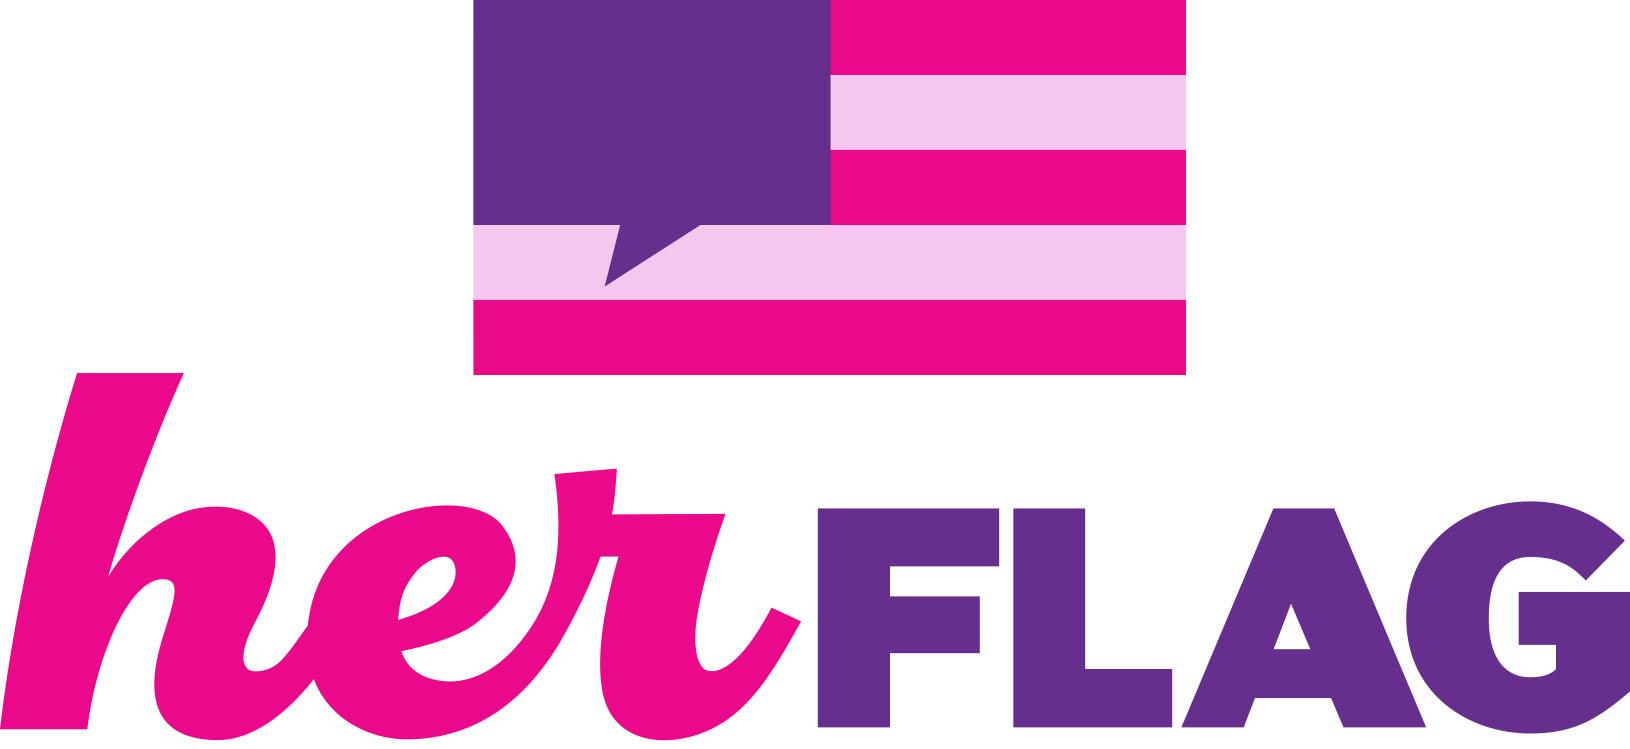 Her Flag logo